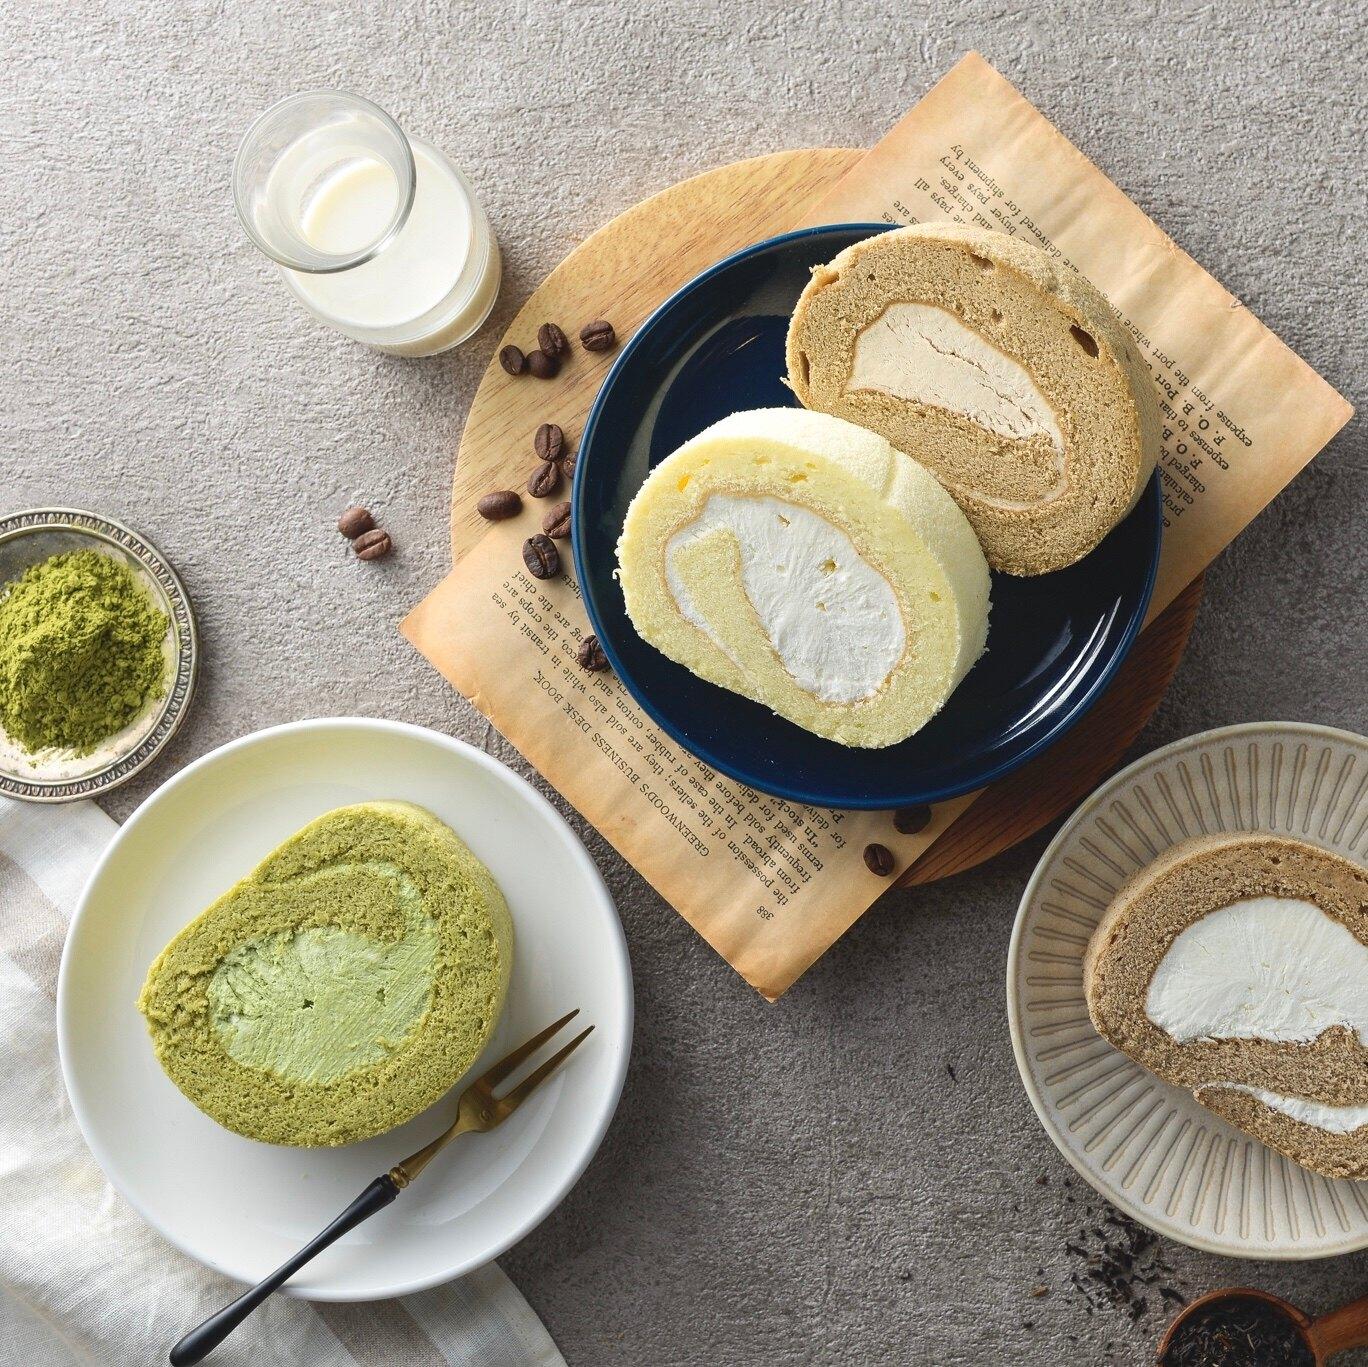 【烘樂夫烘焙】原味雪糕生乳捲  ▎總重量(份數):430~450公克 下午茶必備